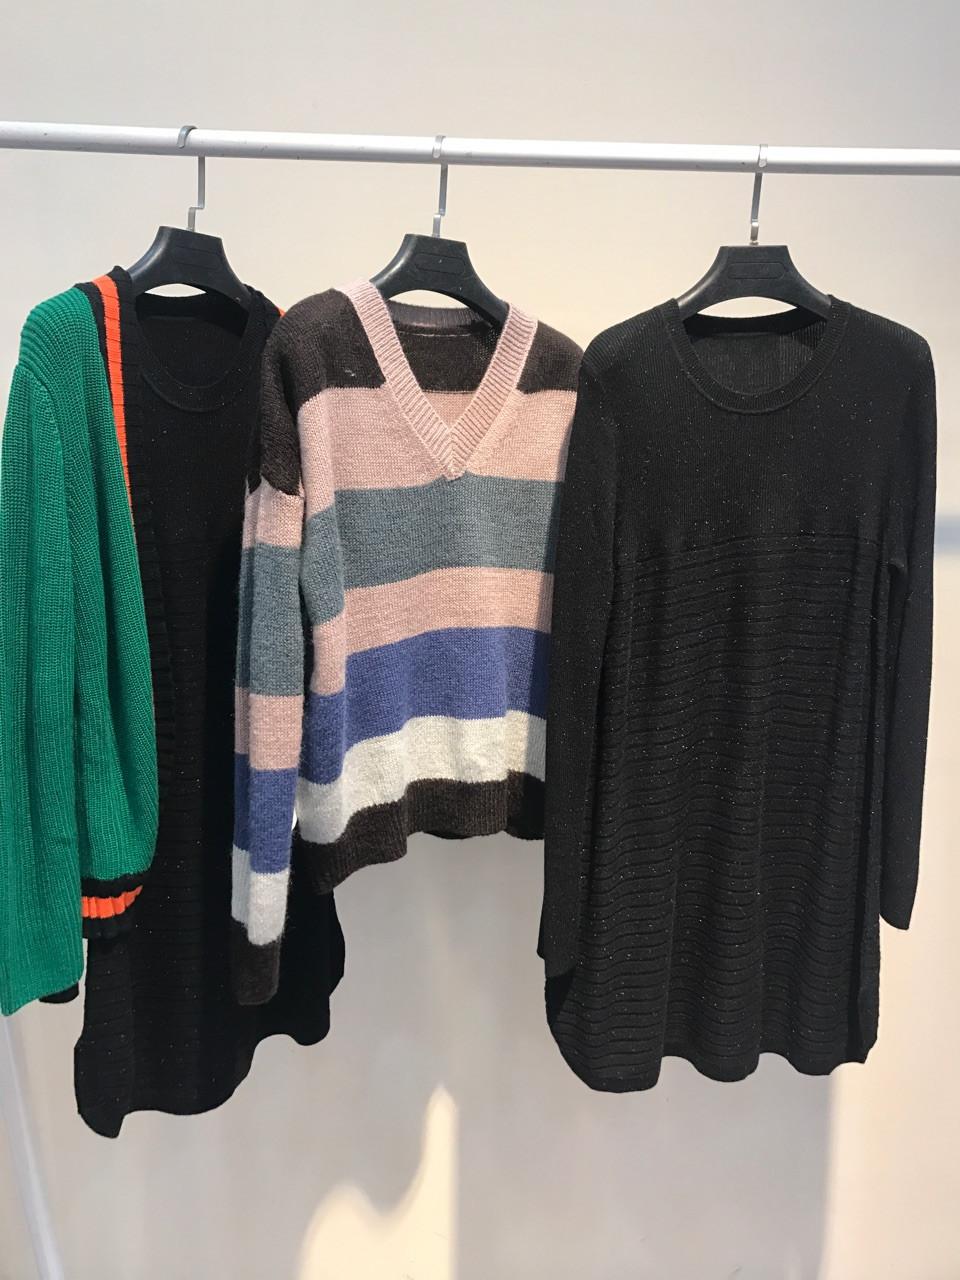 秋冬必备单品玛格丽特毛衣一手货源,品牌折扣女装走份